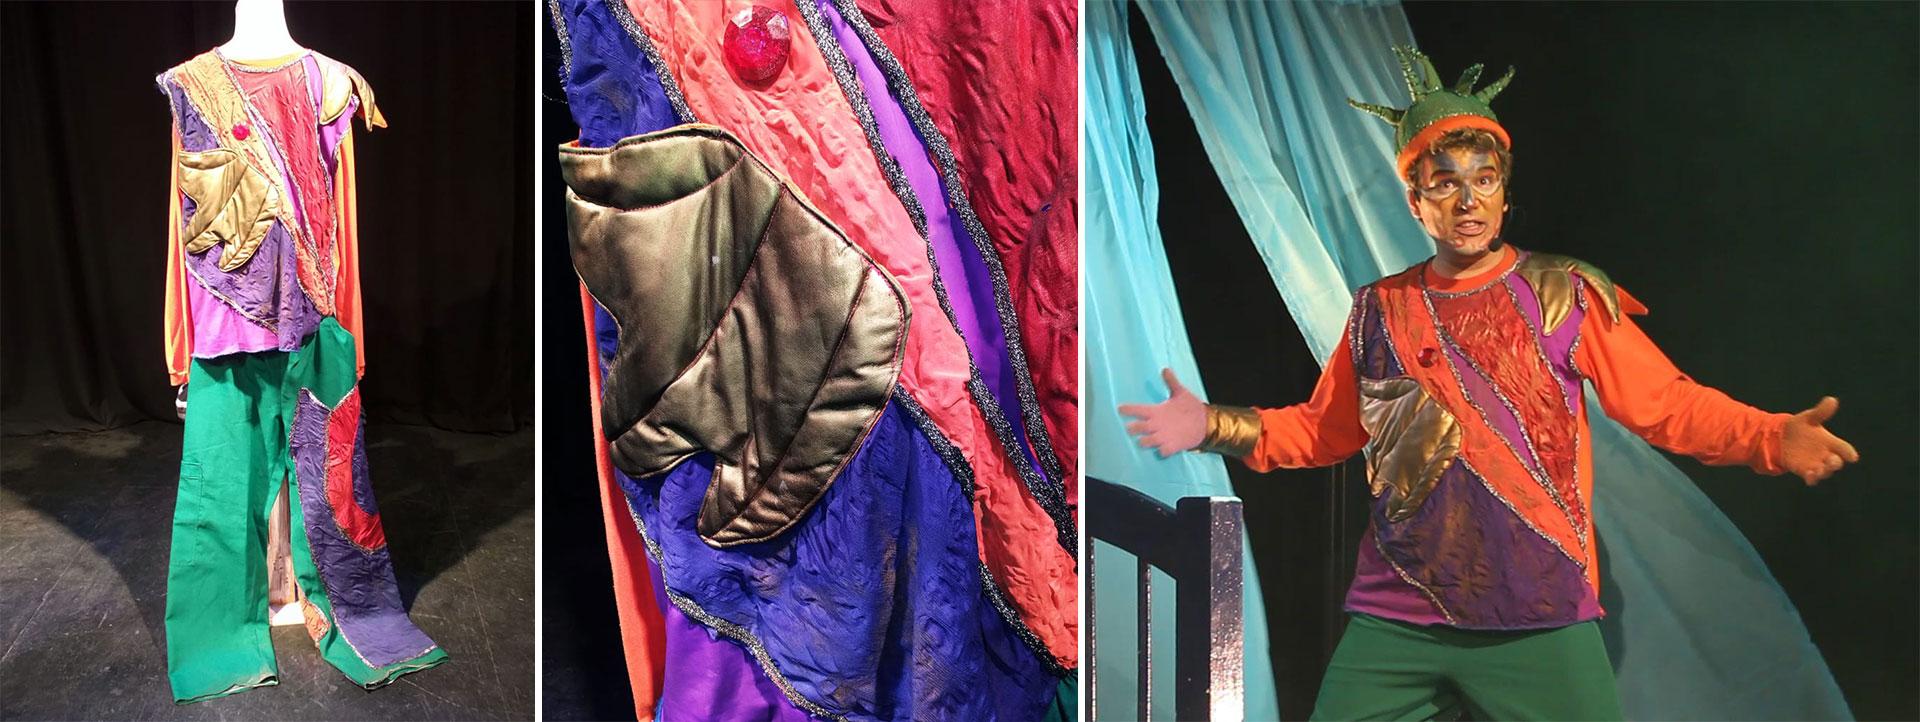 """El traje del personaje """"Gabito Supermágico"""", que encarnó Franco Pozzobón en la obra en homenaje a Gabriel García Márquez. Es de sastrería de alta costura, pintado a mano, bordado y forrado a mano, confeccionado en detalle con piedras y telas brillosas y de diferentes texturas, que definen un traje al mejor estilo del Cirque du Soleil. Es suelto, holgado, en múltiples tonalidades que juegan con las luces en escena, más el brillo que le aportan las piedras y contrapuntos. Tiene un precio de $ 15.000"""